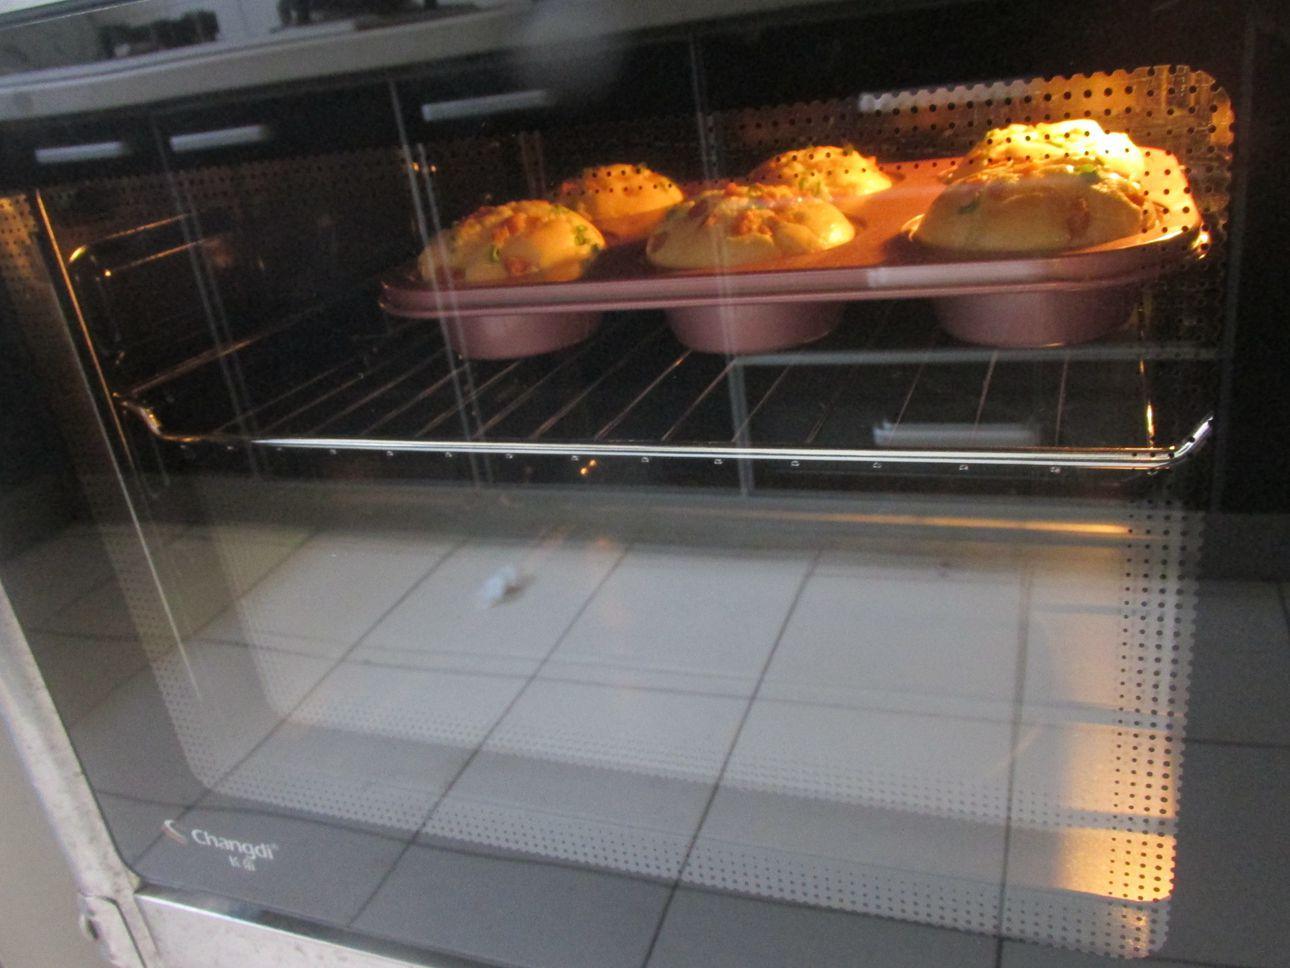 2个鸡蛋1把面粉,搅搅拌拌,简单零失败,3步就做出喧软的小蛋糕,孩子超喜欢